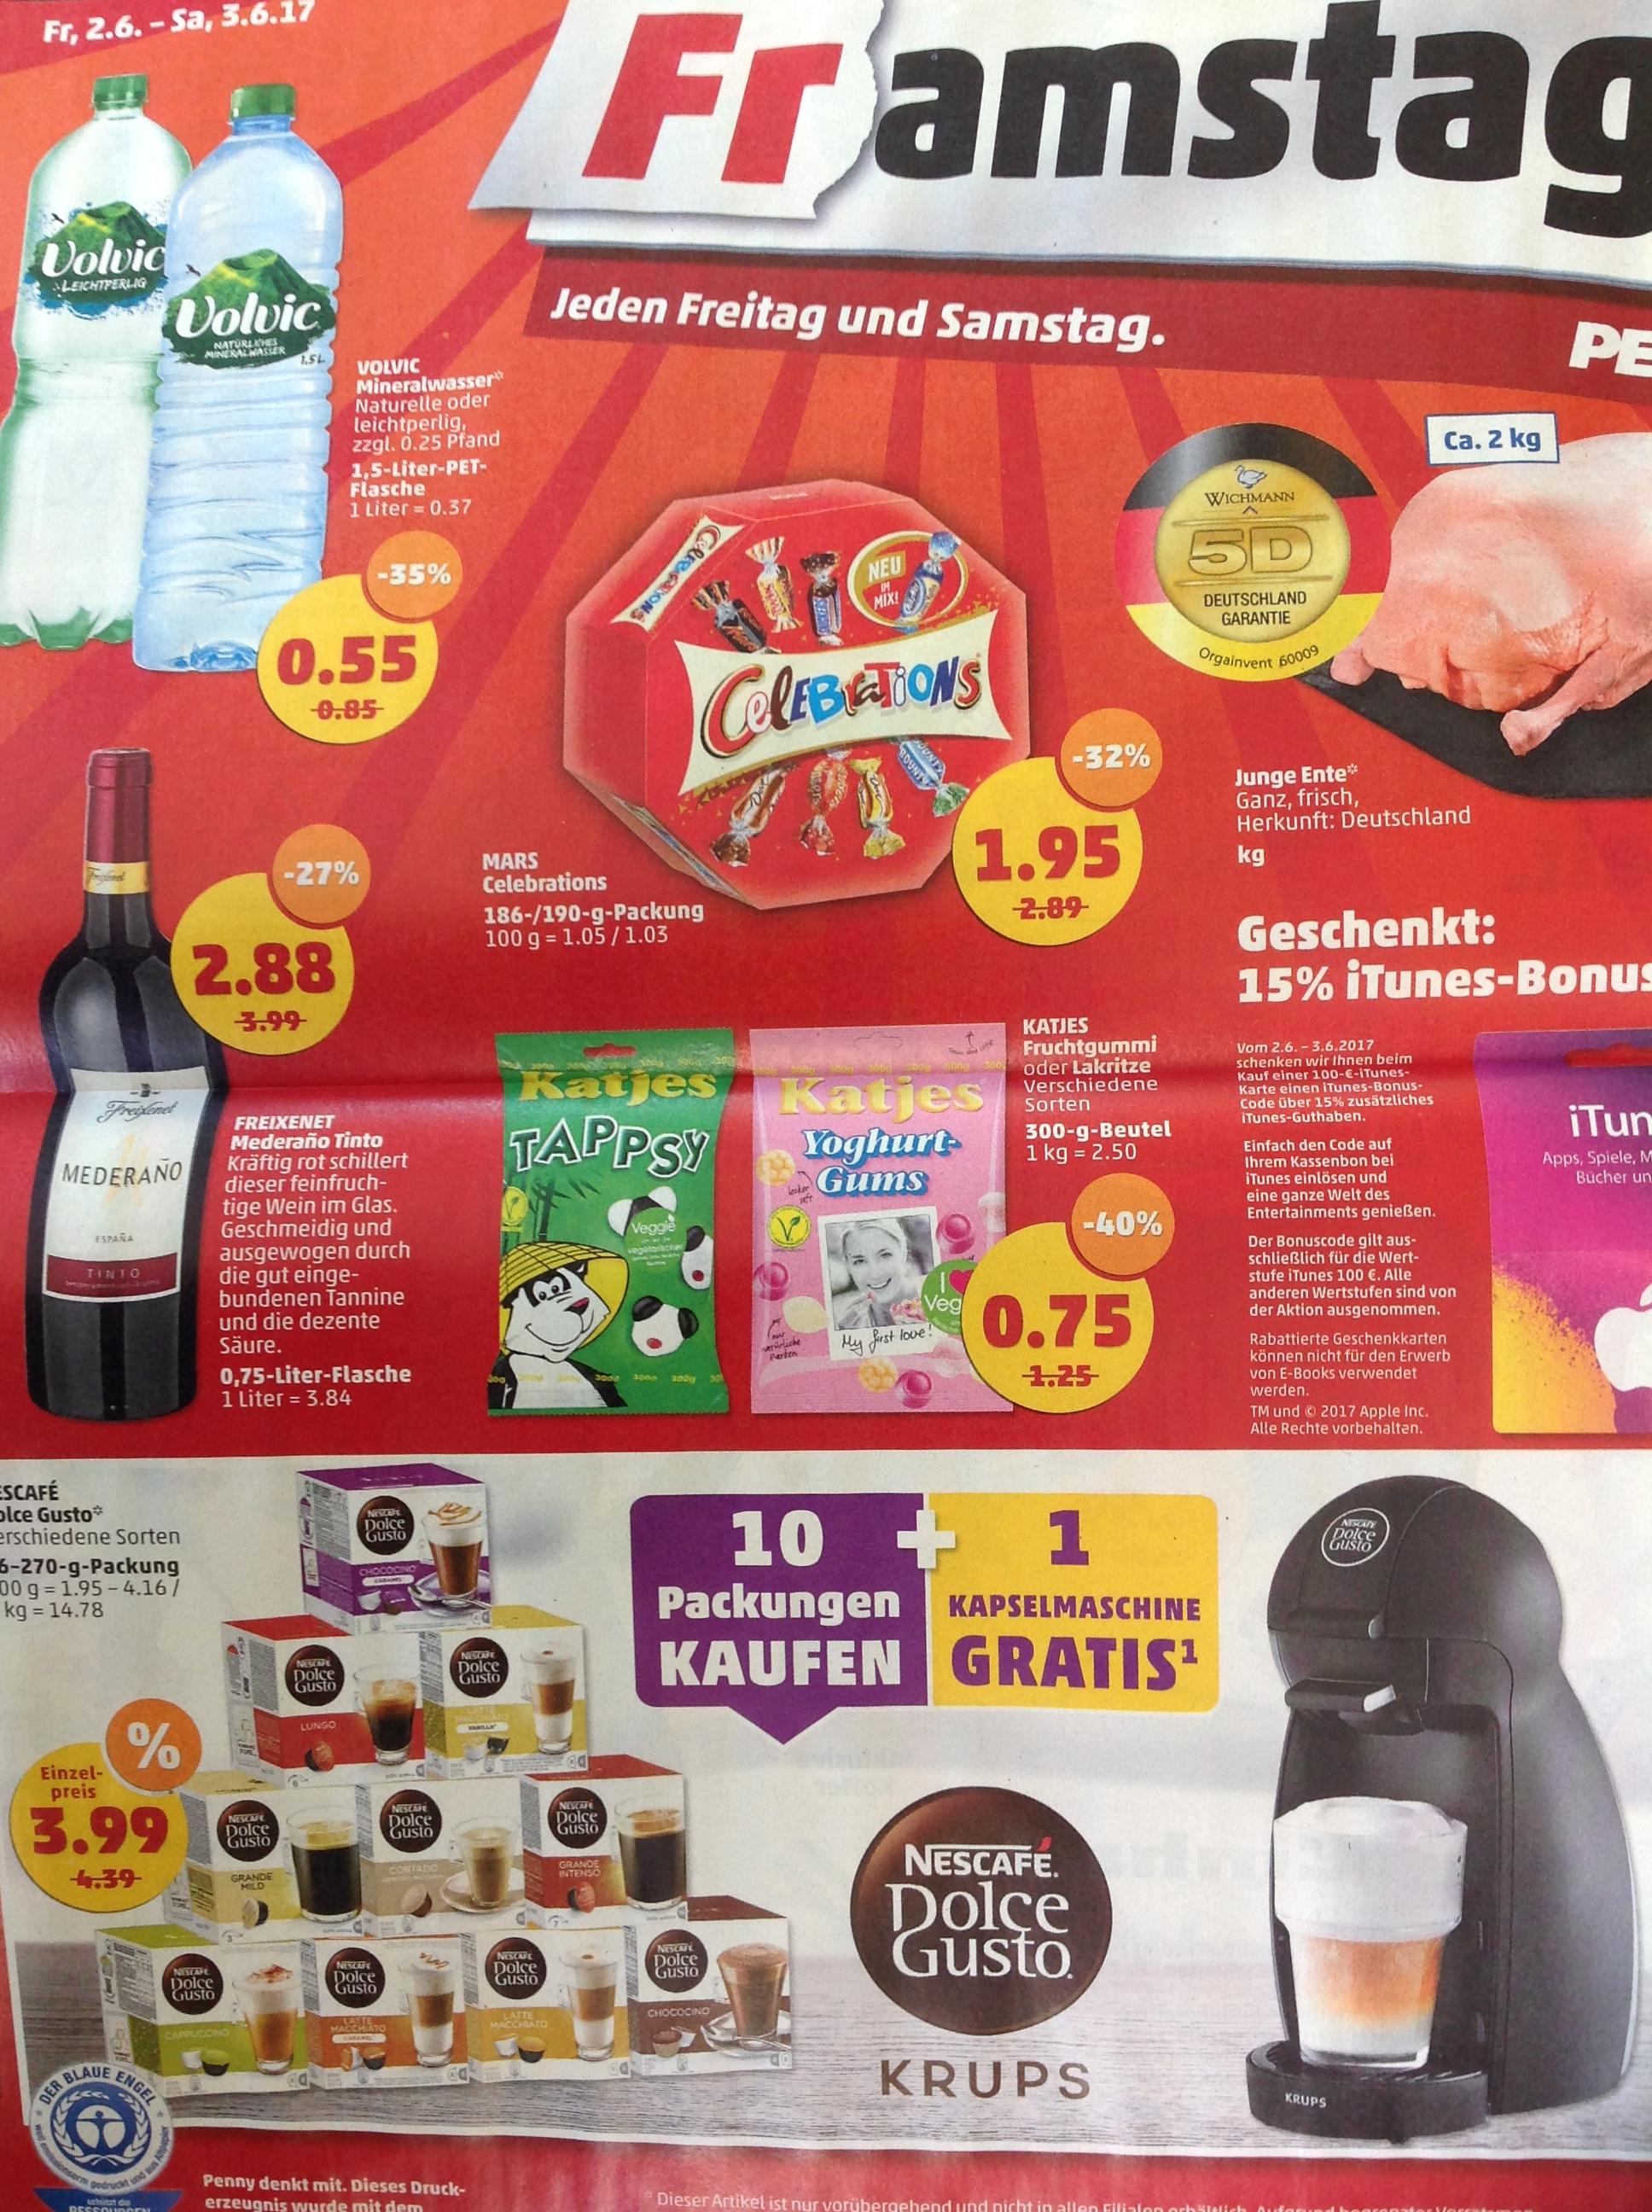 Bei Penny Für 39,90 Nescafé Dolce Gusto kaufen und eine passende Kaffeekappselmaschine Gratis am 2.6-3.6.17